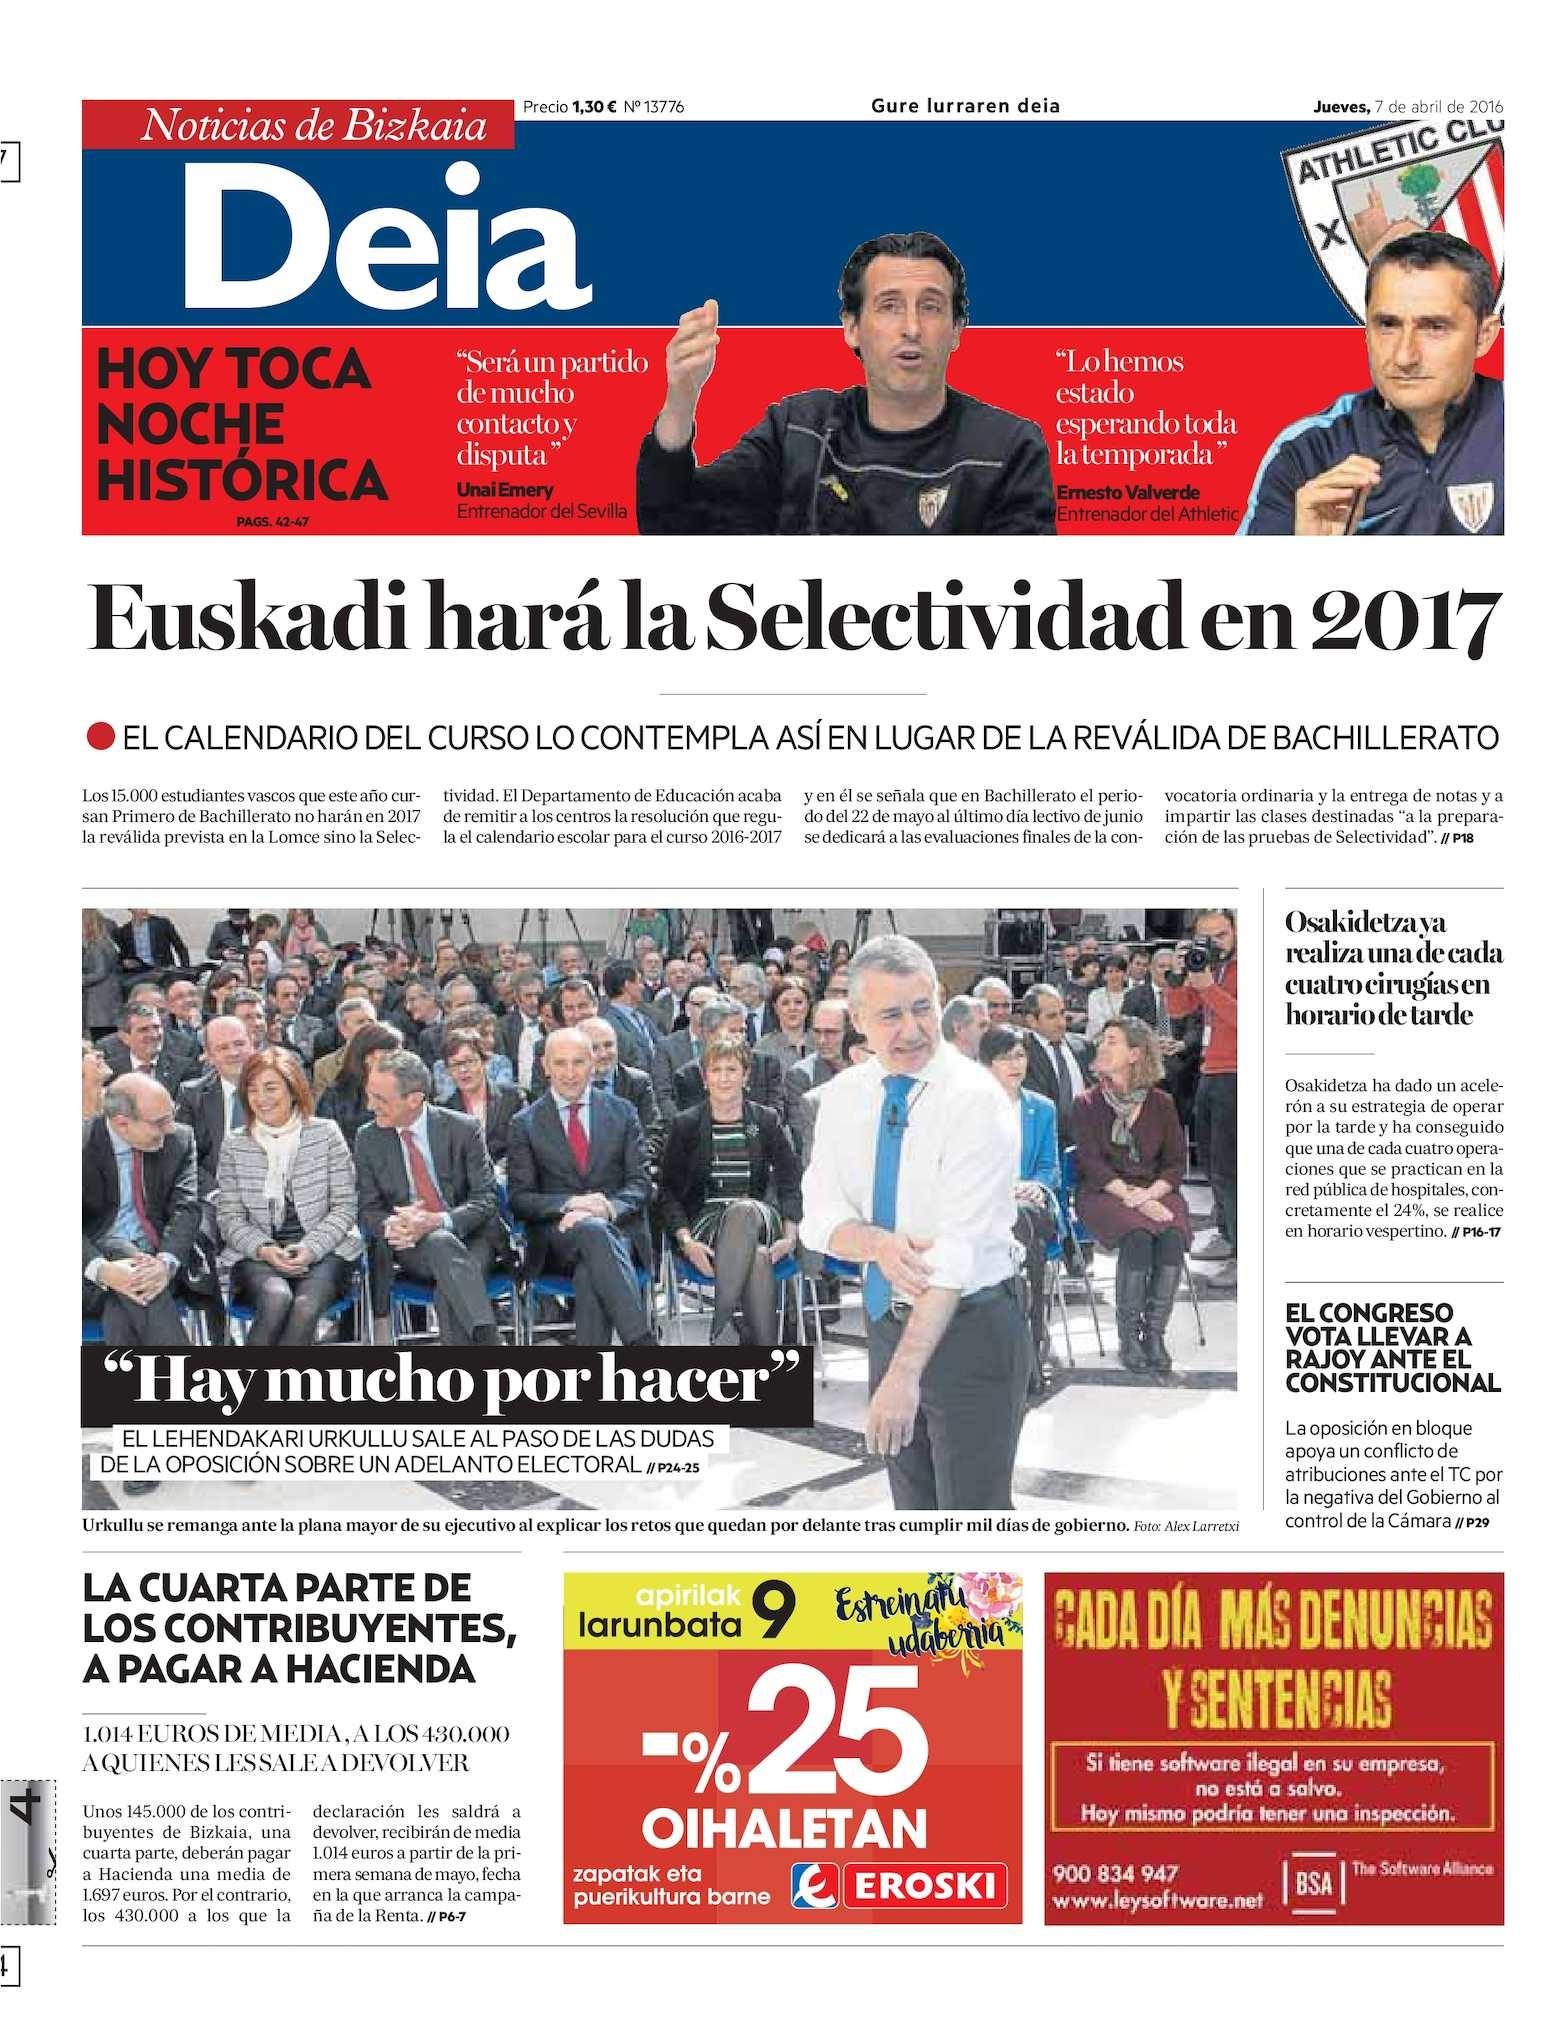 Calendario Escolar 2018 Y 2019 Venezuela Ministerio De Educacion Más Actual Calaméo Deia